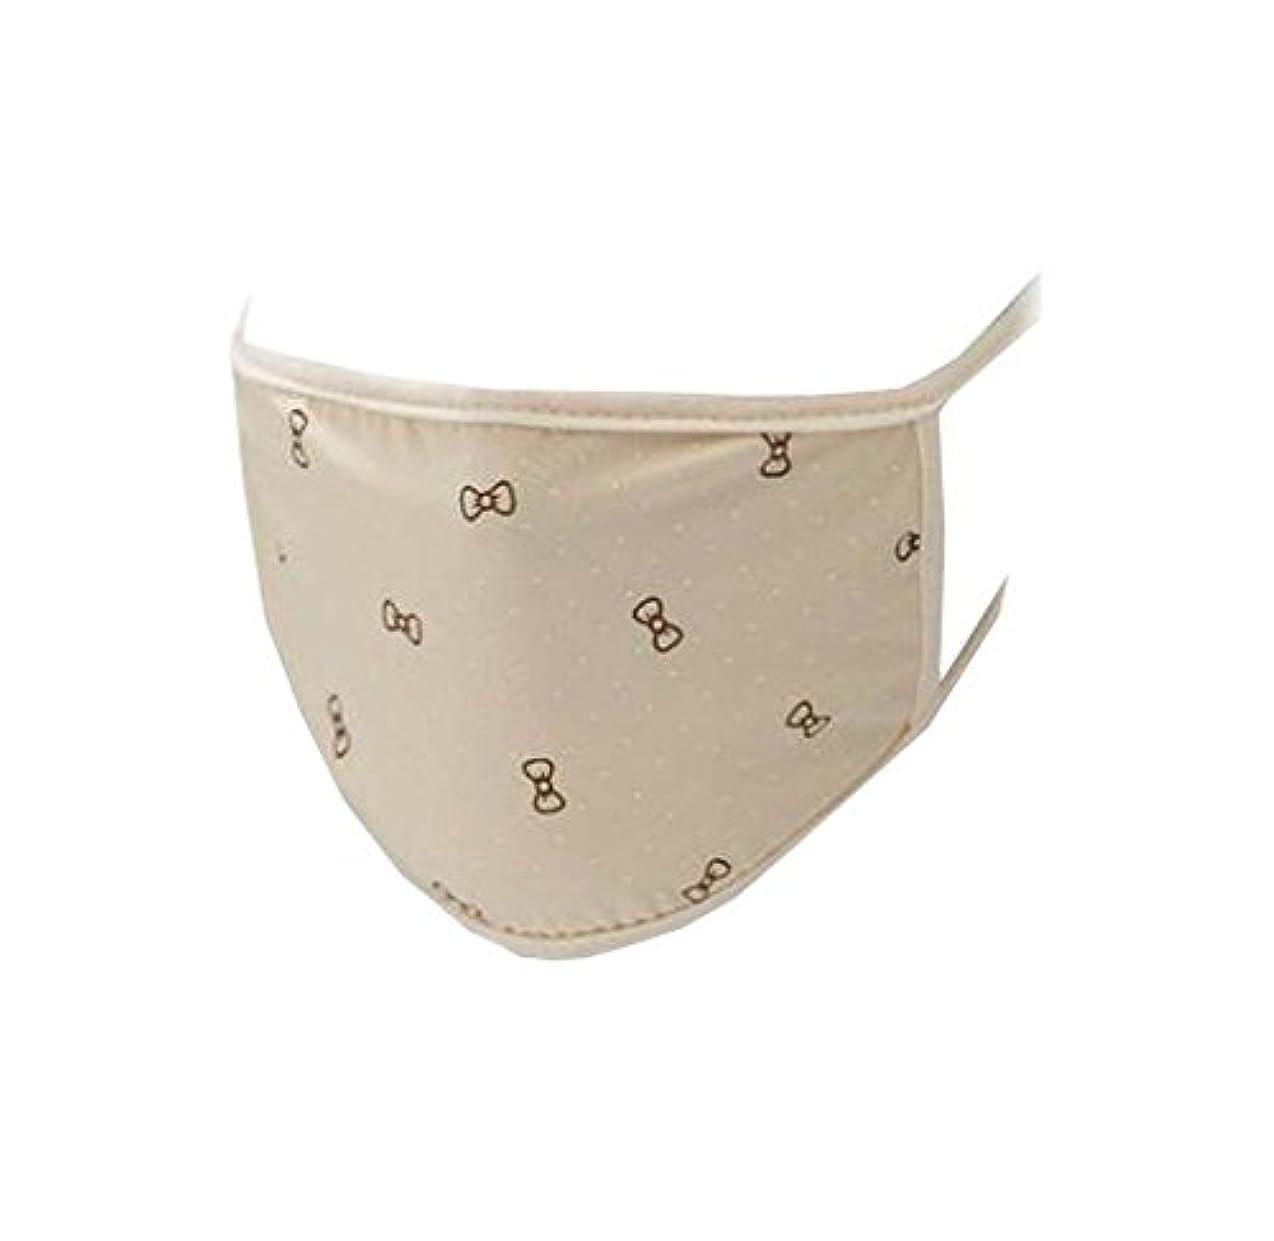 バイパス開いたバンケット口マスク、再使用可能フィルター - 埃、花粉、アレルゲン、抗UV、およびインフルエンザ菌 - B